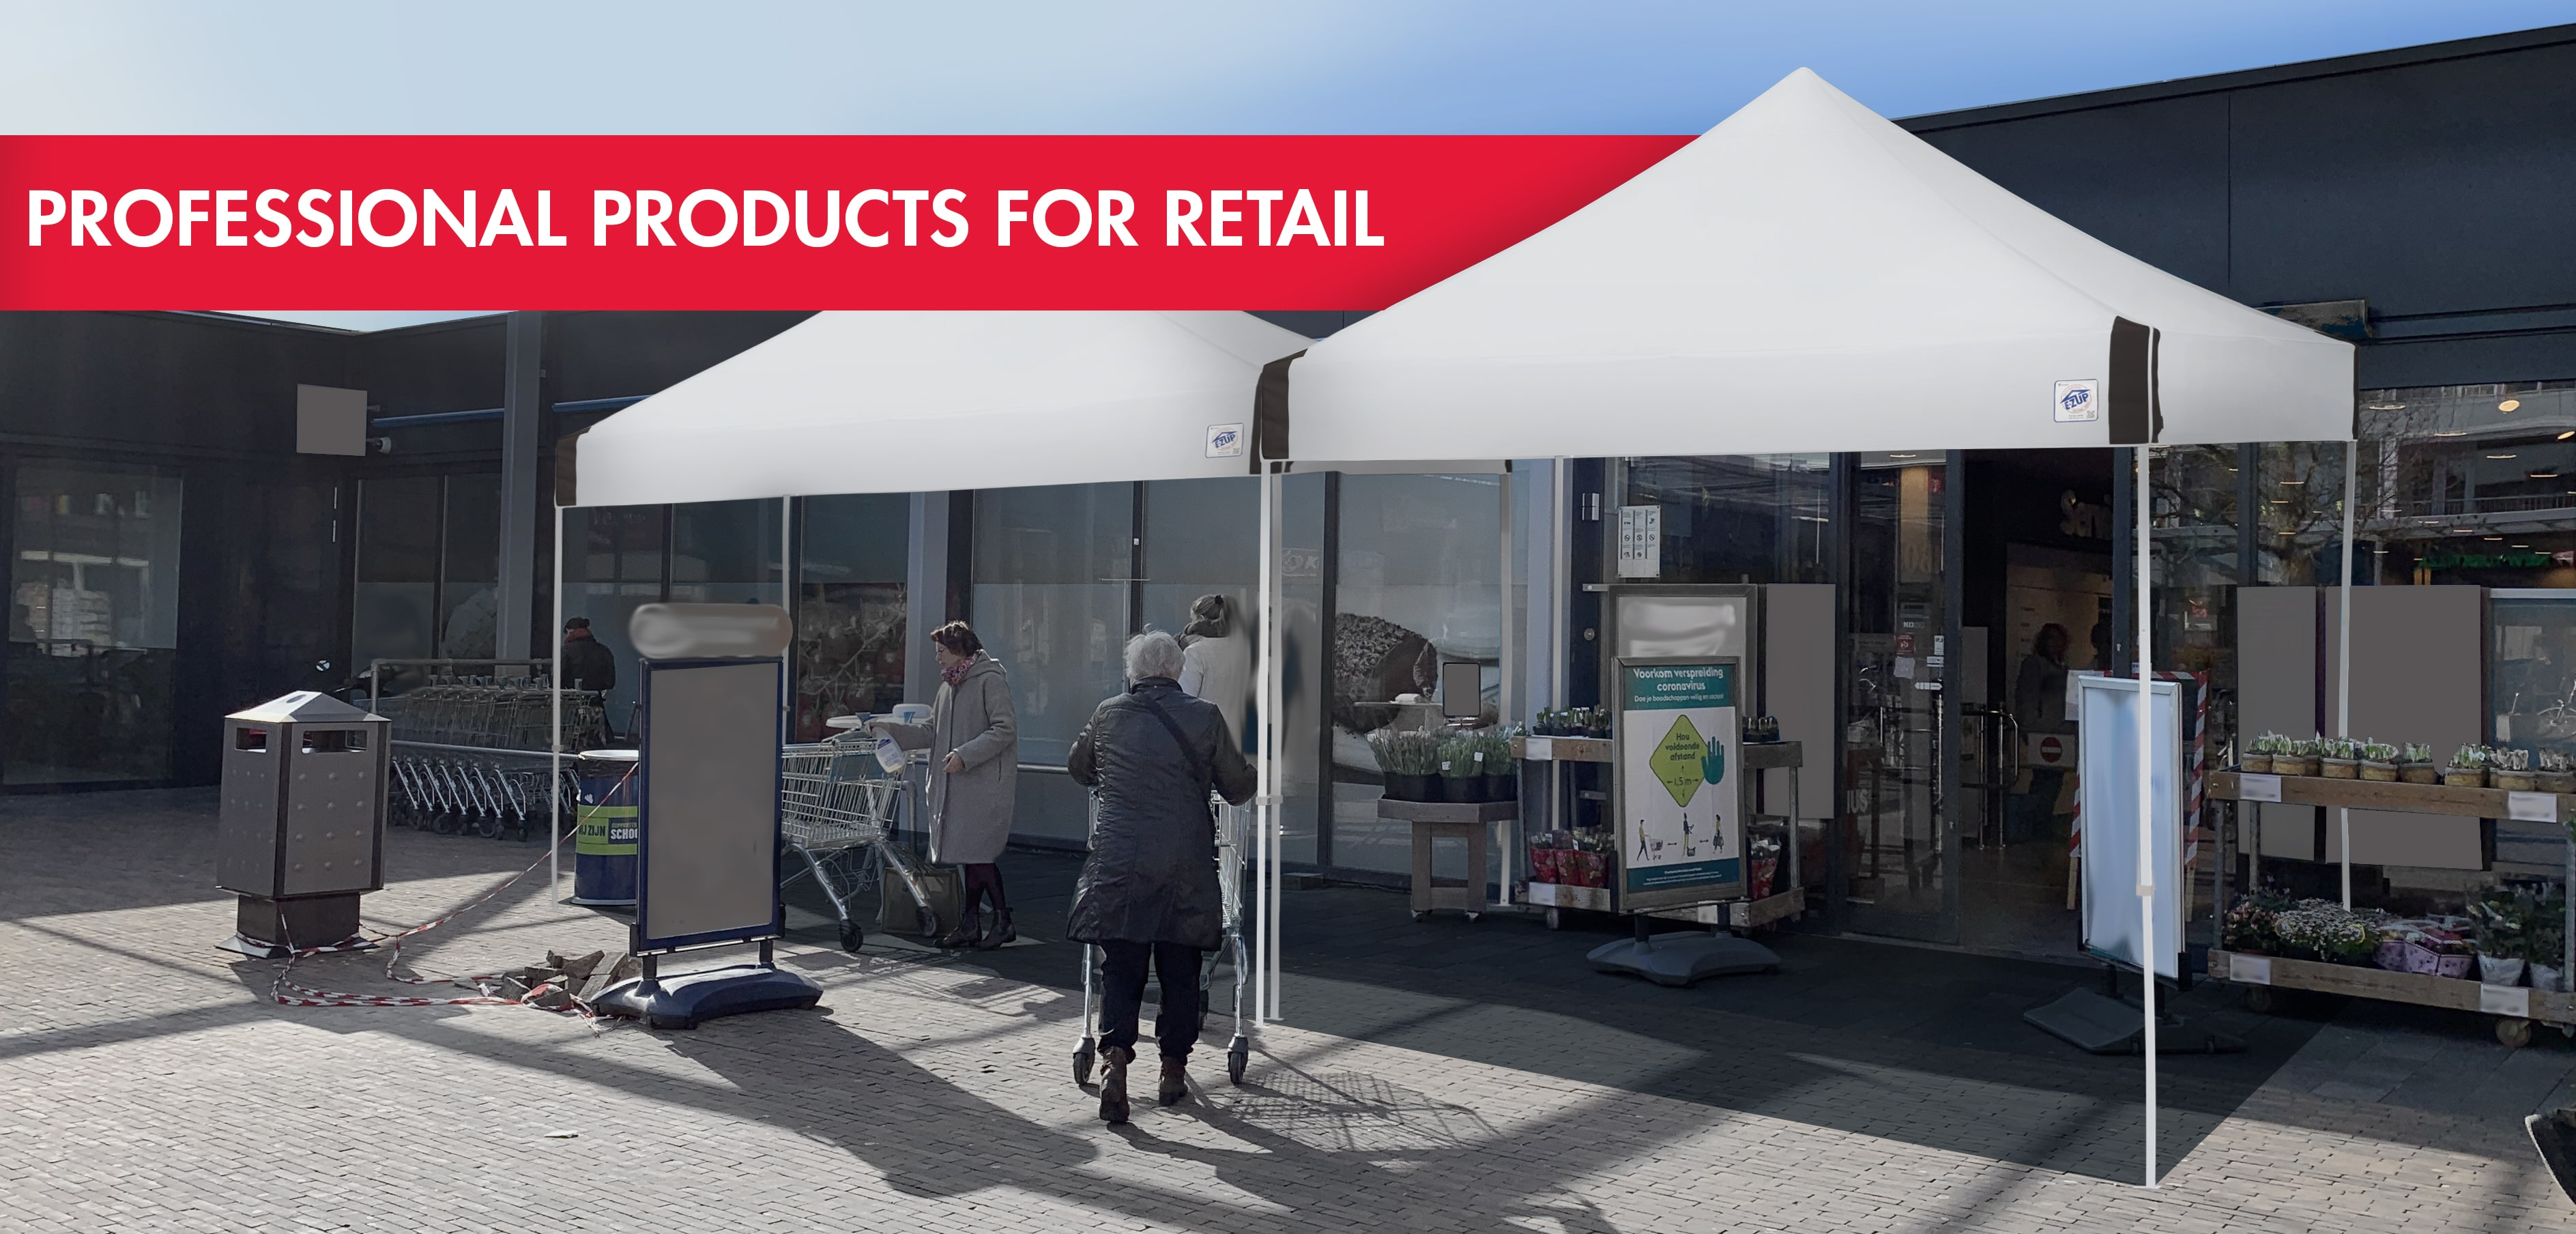 Professionele producten voor retail